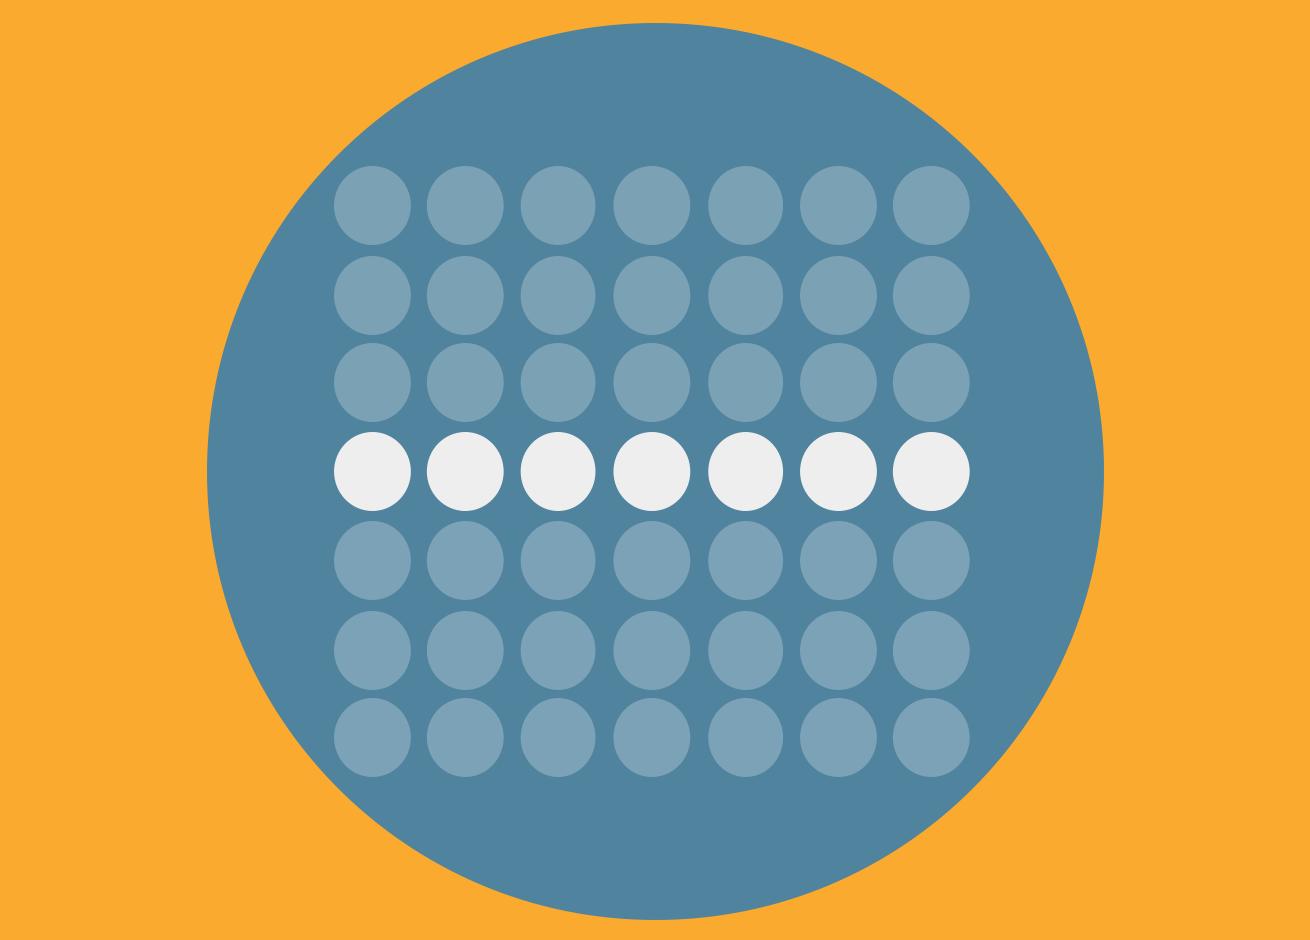 Se presenta una imagen de un círculo con círculos pequeños que permite identificar la Ley de Miller. Una de las Leyes de UX.